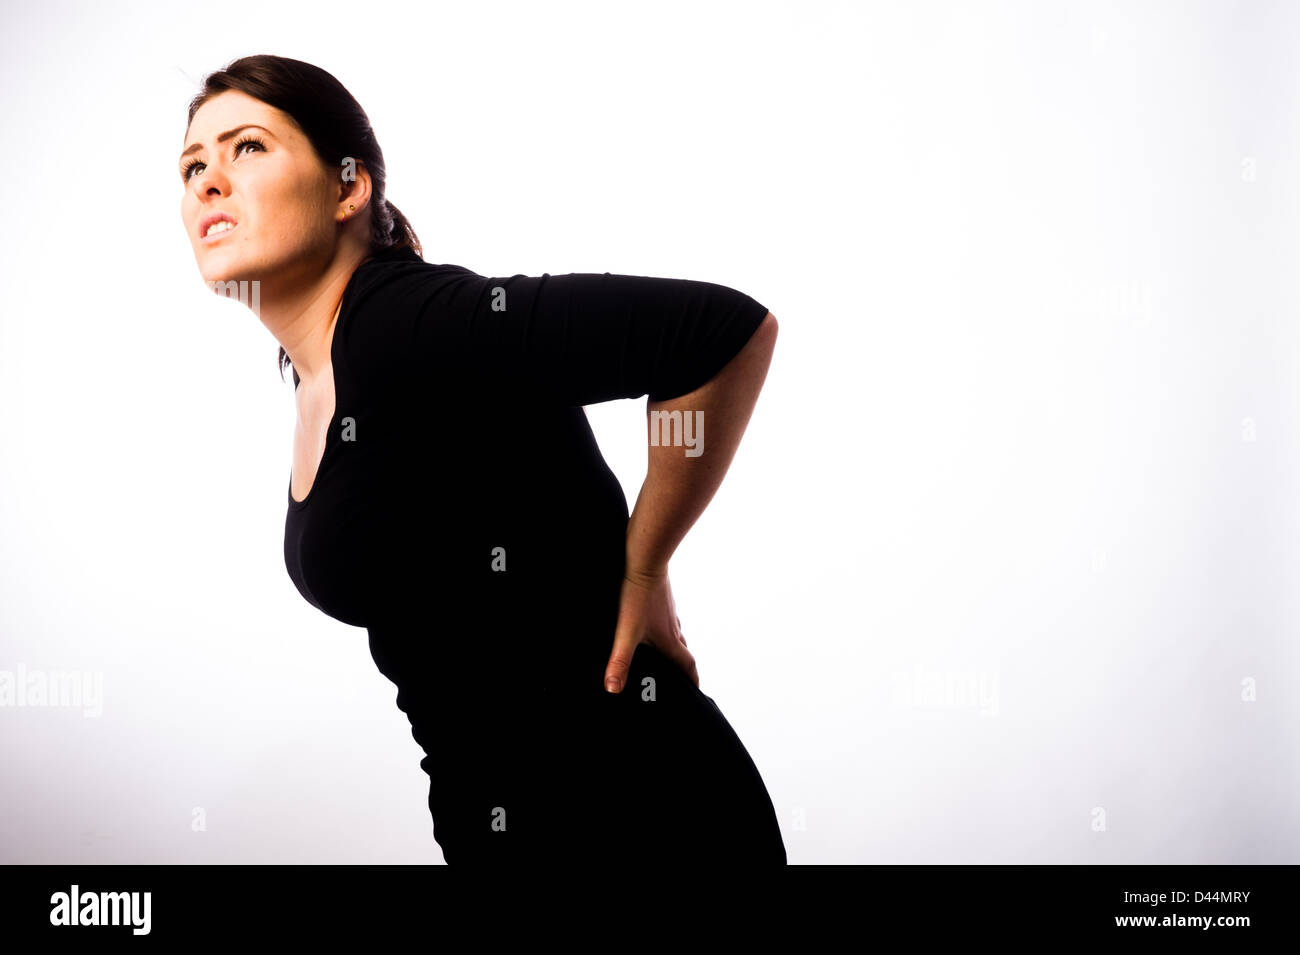 Eine junge Frau, braune Haare, leiden, Schmerzen im Rücken, UK Stockbild